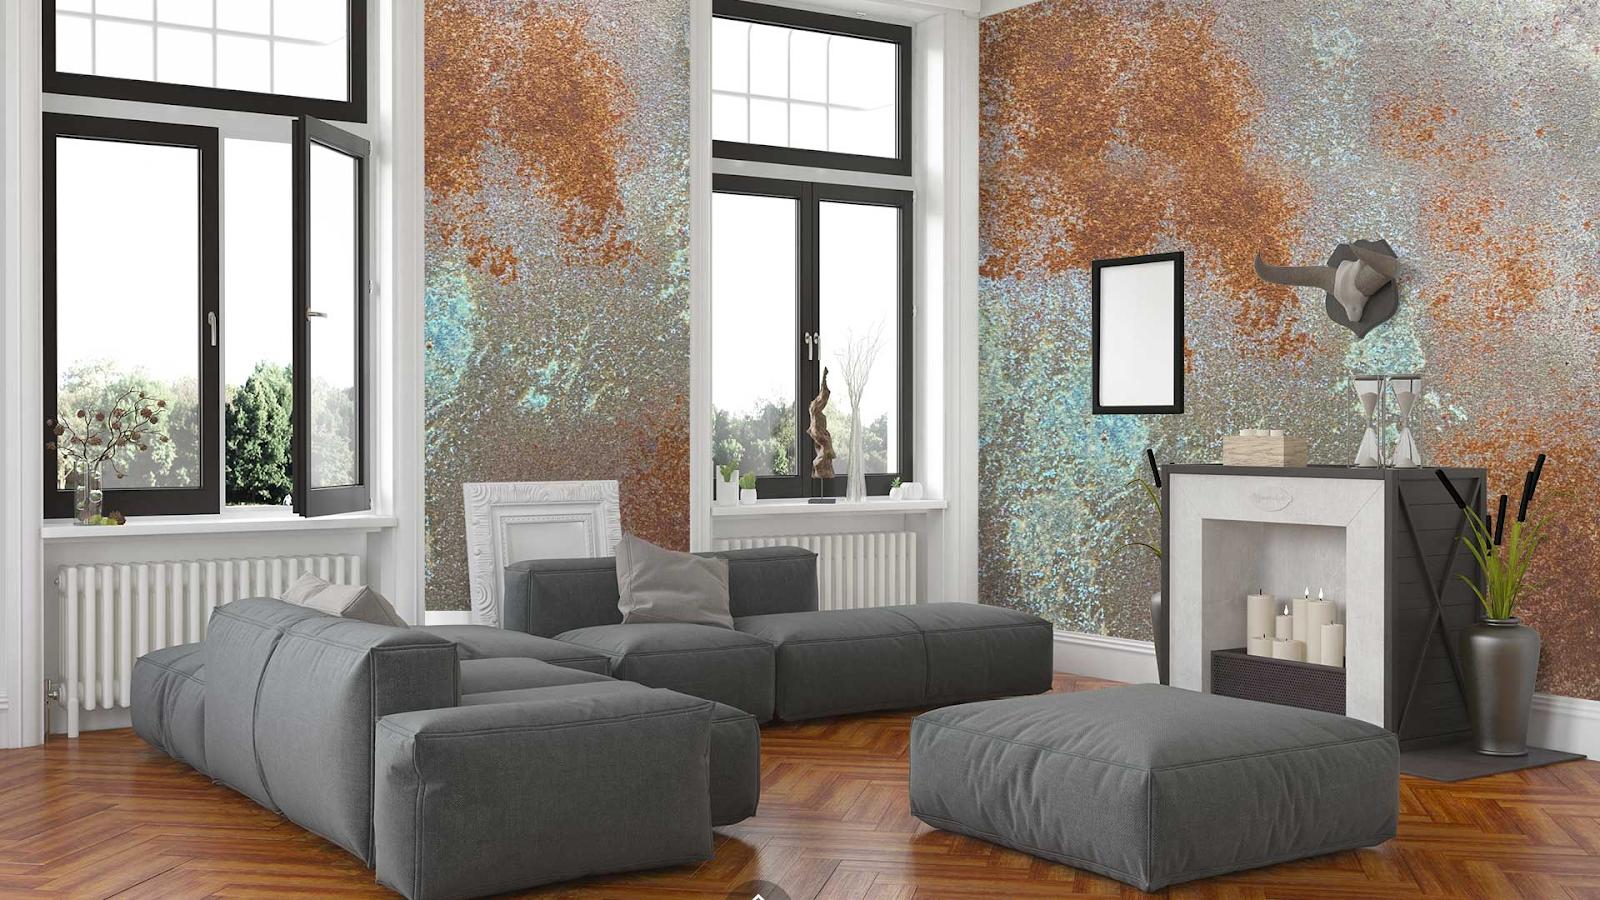 Mê mẩn với những không gian sử dụng sơn gỉ sét độc đáo, lôi cuốn